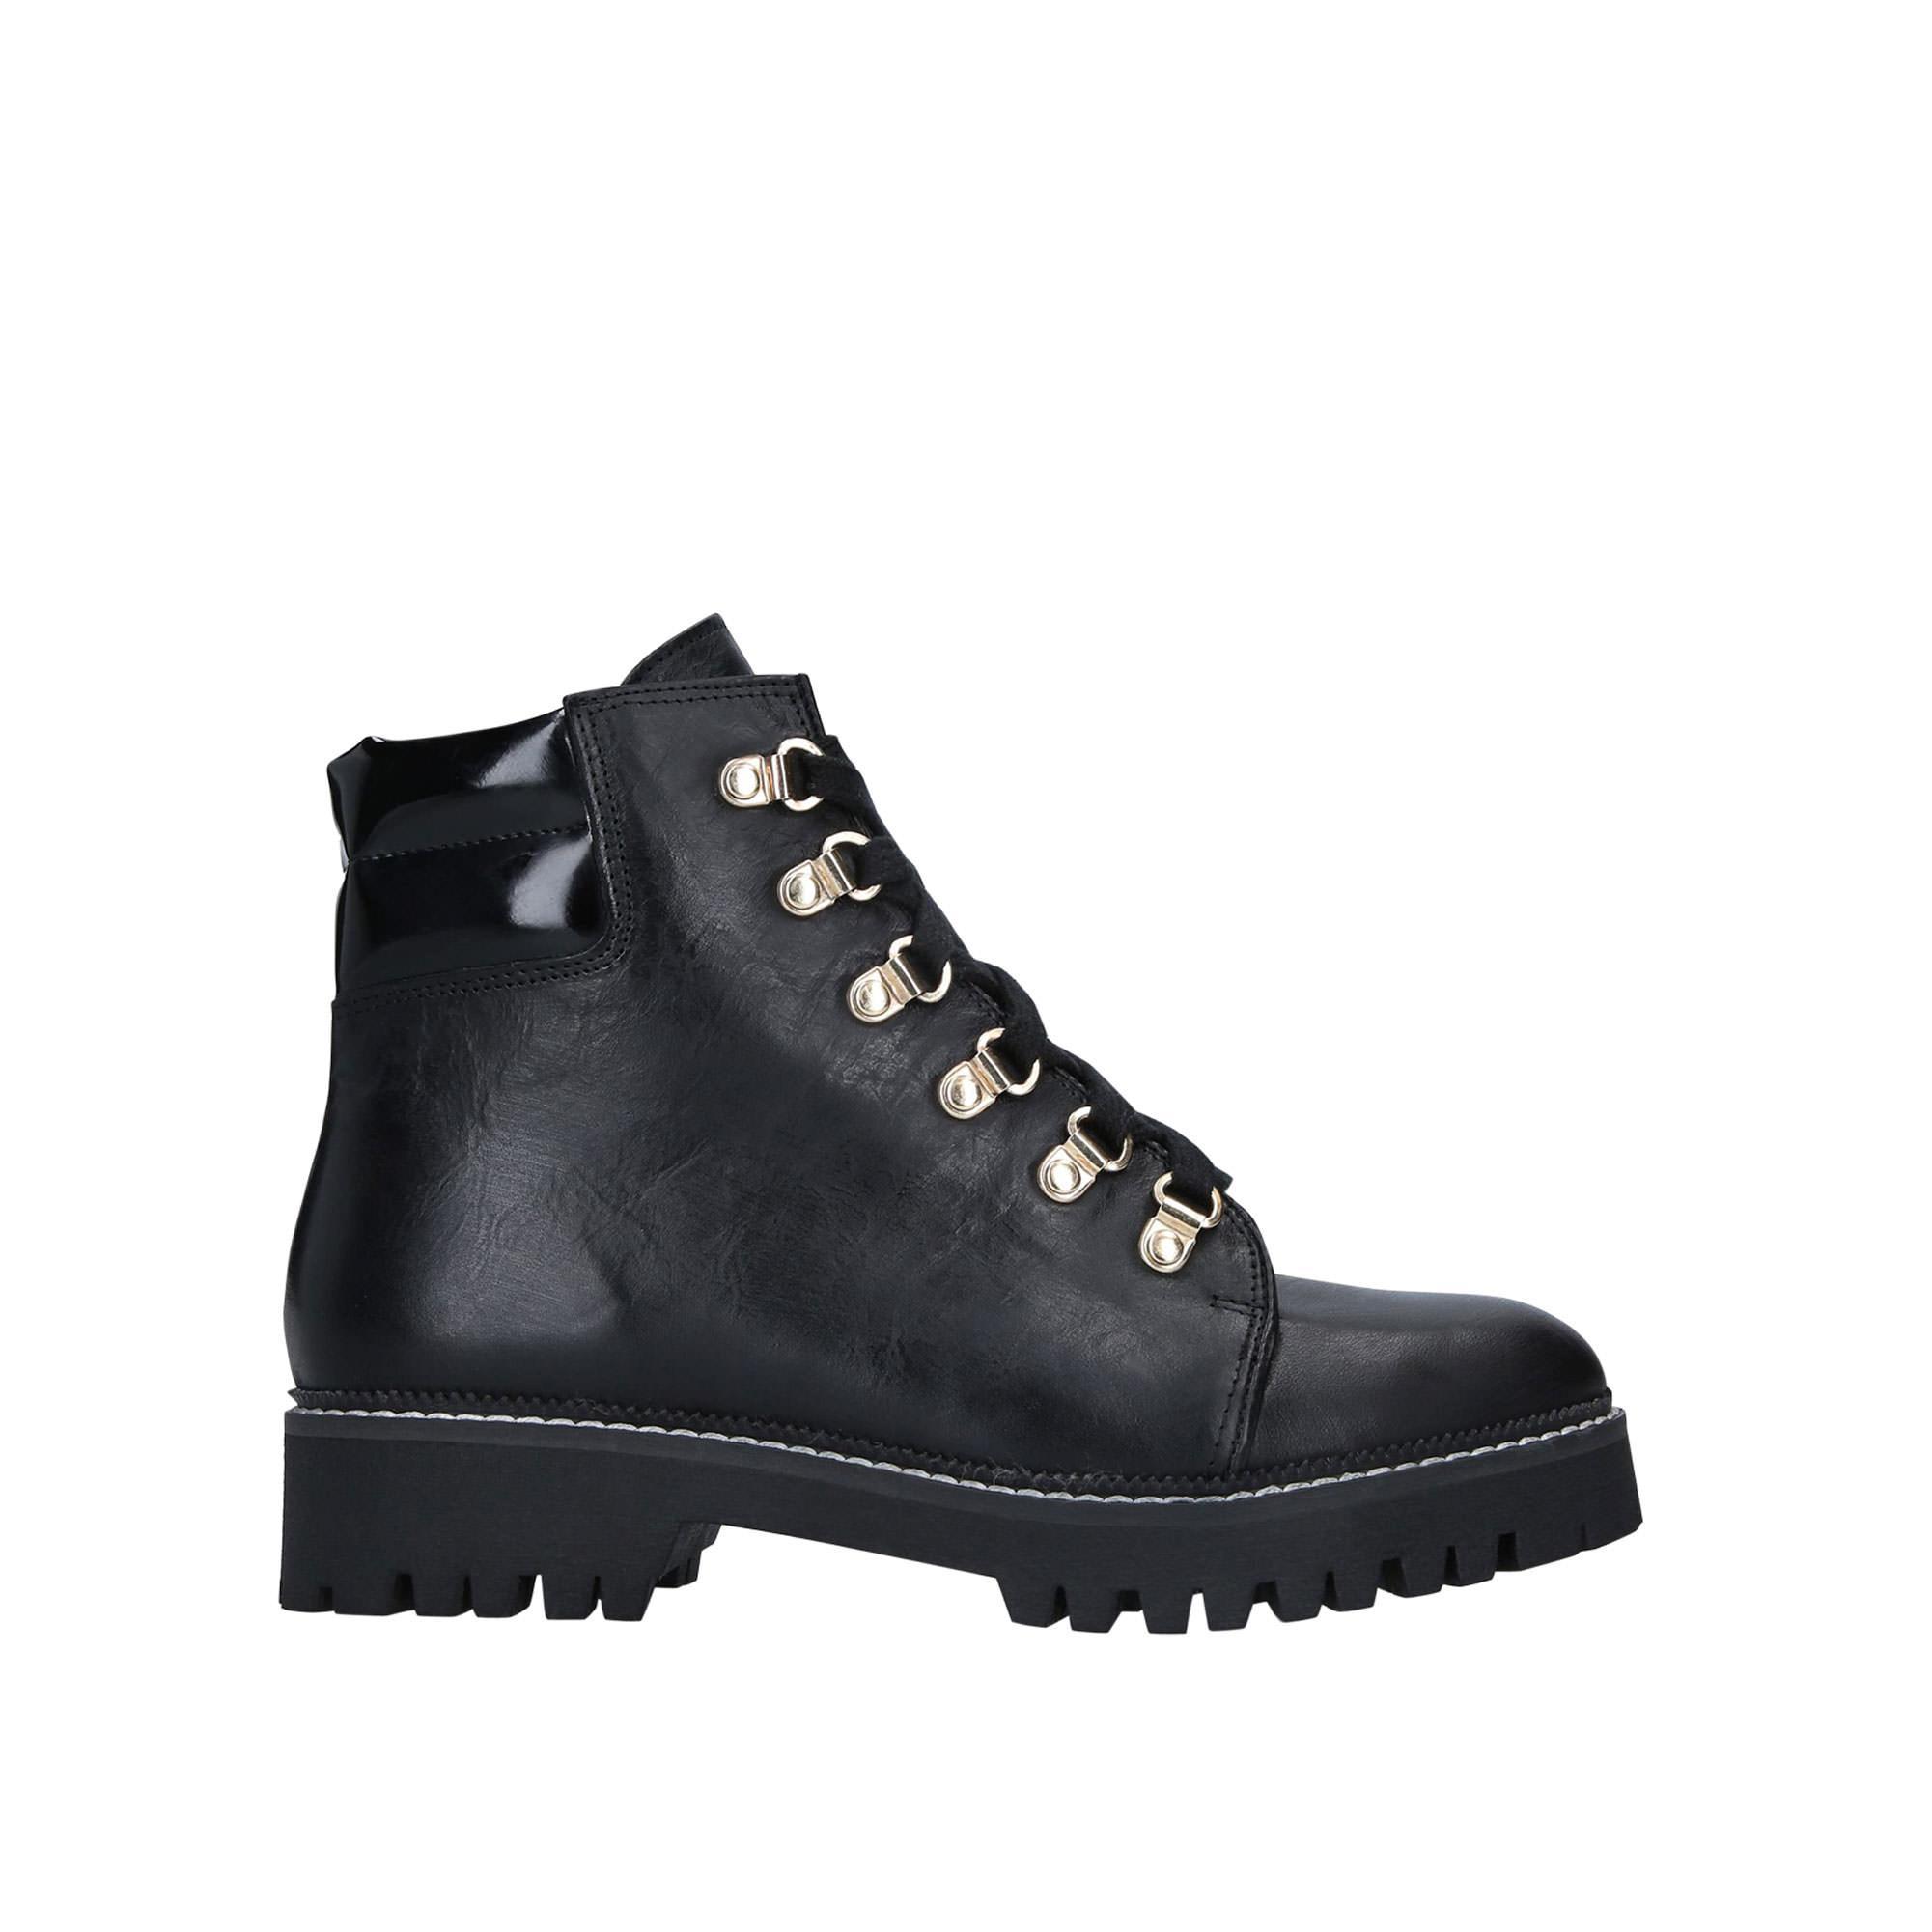 Stolen Boots